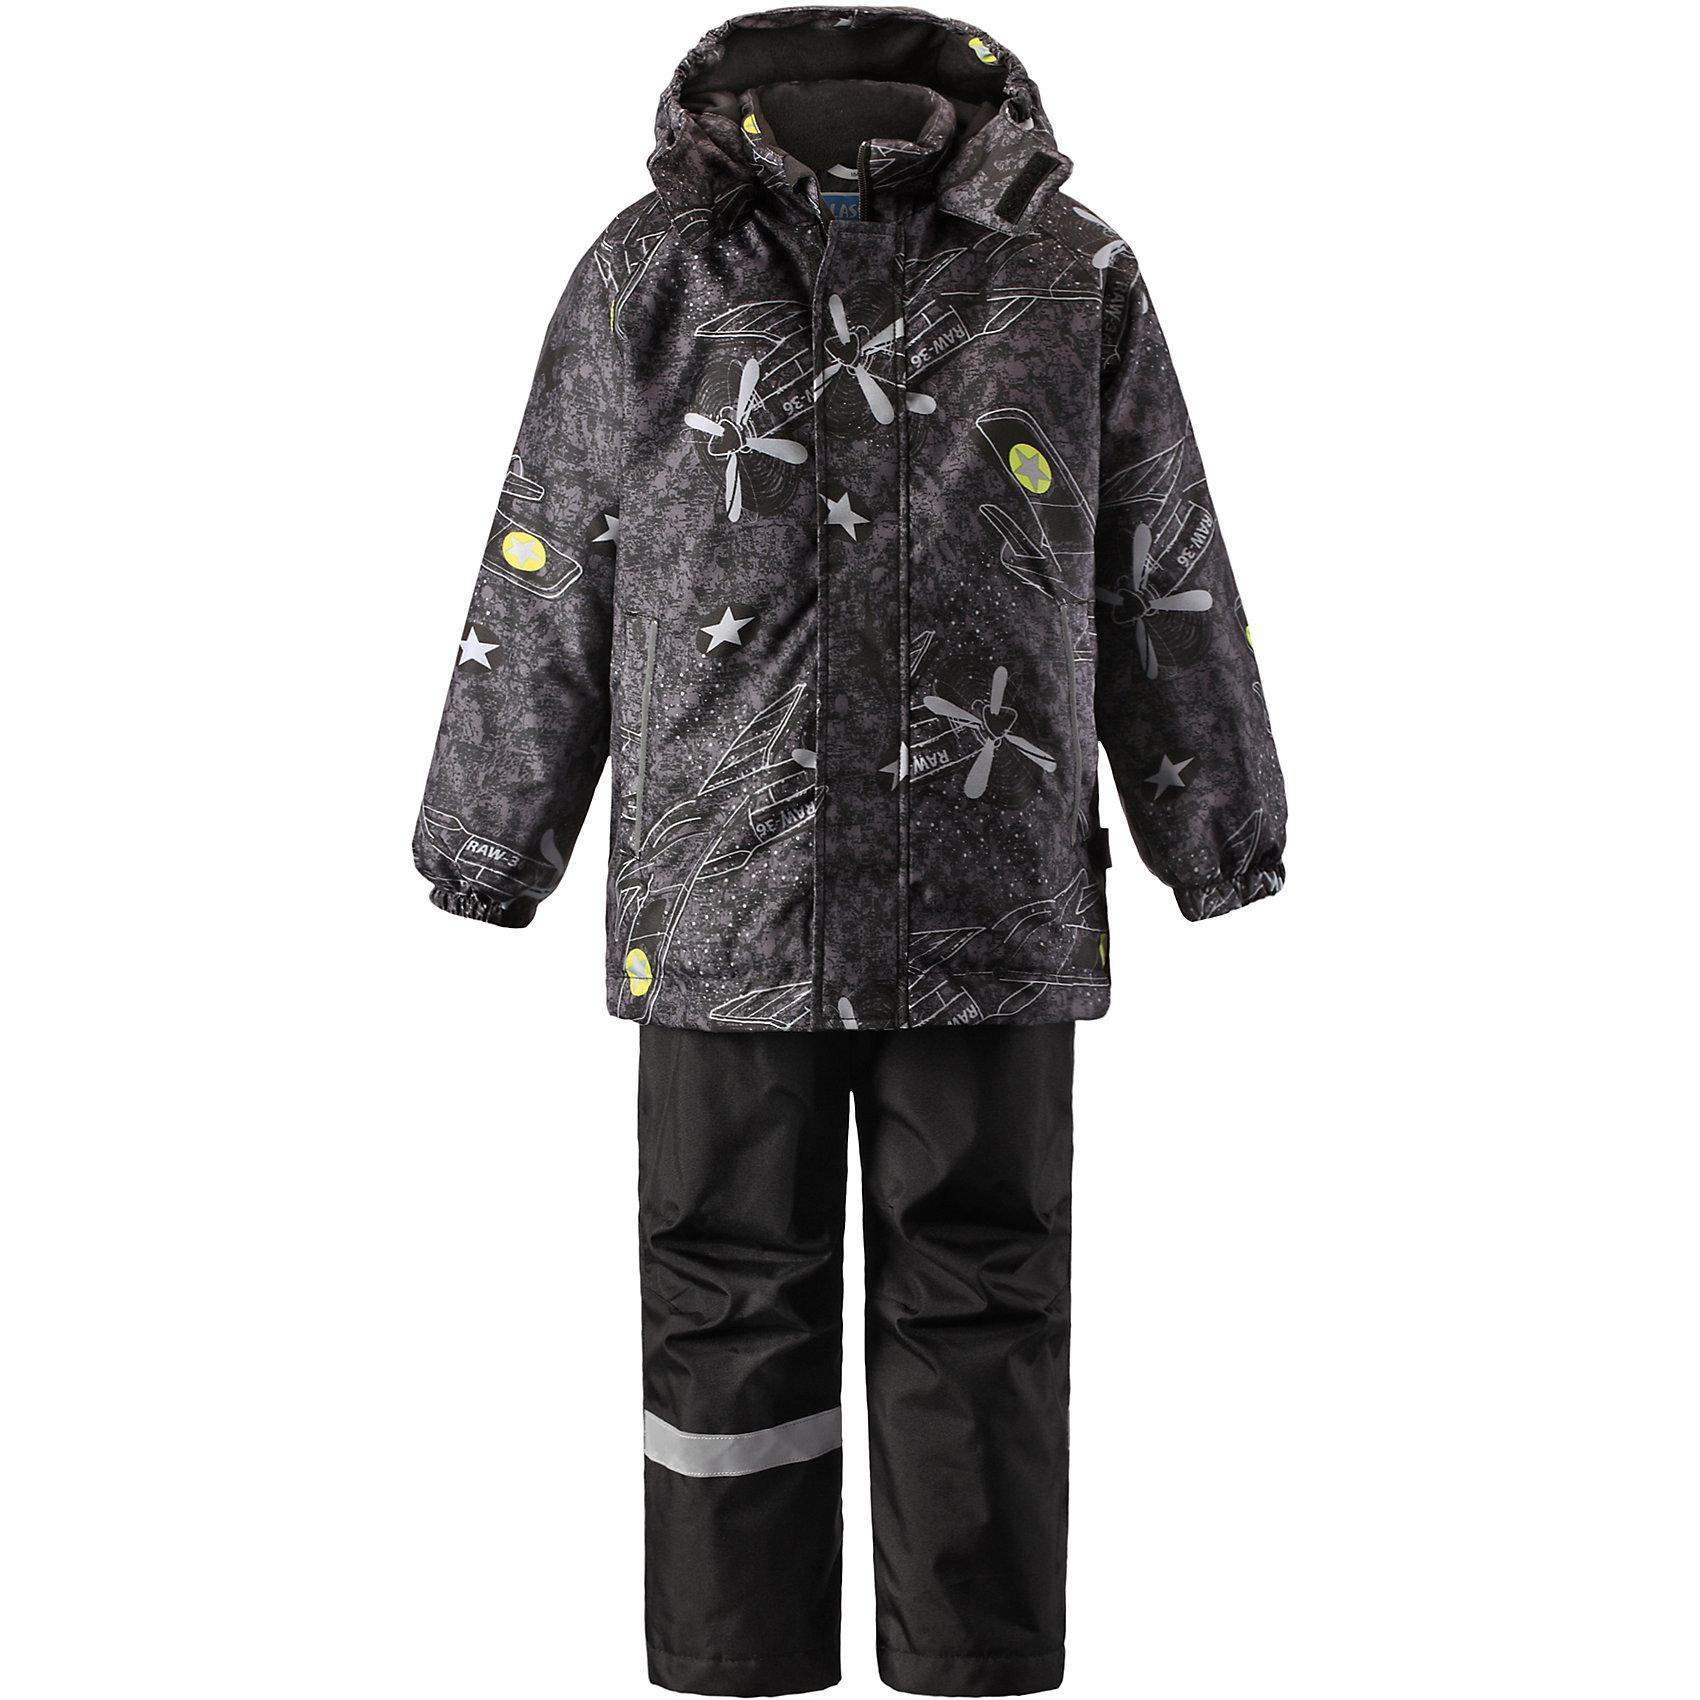 Комплект для мальчика LASSIEОдежда<br>Зимний комплект для детей известной финской марки.<br><br>-  Прочный материал. Водоотталкивающий, ветронепроницаемый, «дышащий» и грязеотталкивающий материал.<br>-  Задний серединный шов брюк проклеен.<br>-  Гладкая подкладка из полиэстра.<br>-  Средняя степень утепления. <br>- Безопасный, съемный капюшон.<br>-  Эластичные манжеты. Эластичная талия. <br>- Регулируемый подол. Снегозащитные манжеты на штанинах. <br>- Ширинка на молнии. Карманы в боковых швах.<br>-  Регулируемые и отстегивающиеся эластичные подтяжки.<br>-  Принт по всей поверхности. <br><br> Рекомендации по уходу: Стирать по отдельности, вывернув наизнанку. Застегнуть молнии и липучки. Соблюдать температуру в соответствии с руководством по уходу. Стирать моющим средством, не содержащим отбеливающие вещества. Полоскать без специального средства. Сушение в сушильном шкафу разрешено при  низкой температуре.<br><br>Состав: 100% Полиамид, полиуретановое покрытие.  Утеплитель «Lassie wadding» 100гр.(брюки); 180гр.(куртка).<br><br>Ширина мм: 190<br>Глубина мм: 74<br>Высота мм: 229<br>Вес г: 236<br>Цвет: черный<br>Возраст от месяцев: 18<br>Возраст до месяцев: 24<br>Пол: Мужской<br>Возраст: Детский<br>Размер: 92,140,98,104,110,116,122,128,134<br>SKU: 4782228